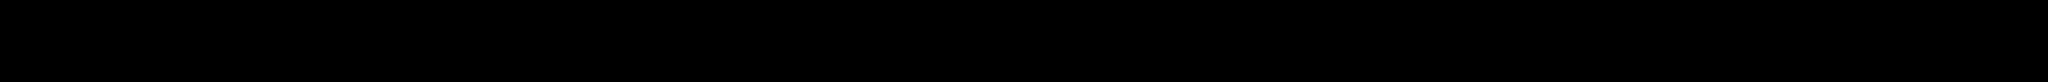 SKF 11600.21408.00, 11600.21413.03, 11600.21413.06, 510384, 510385 Zestaw łożysk koła